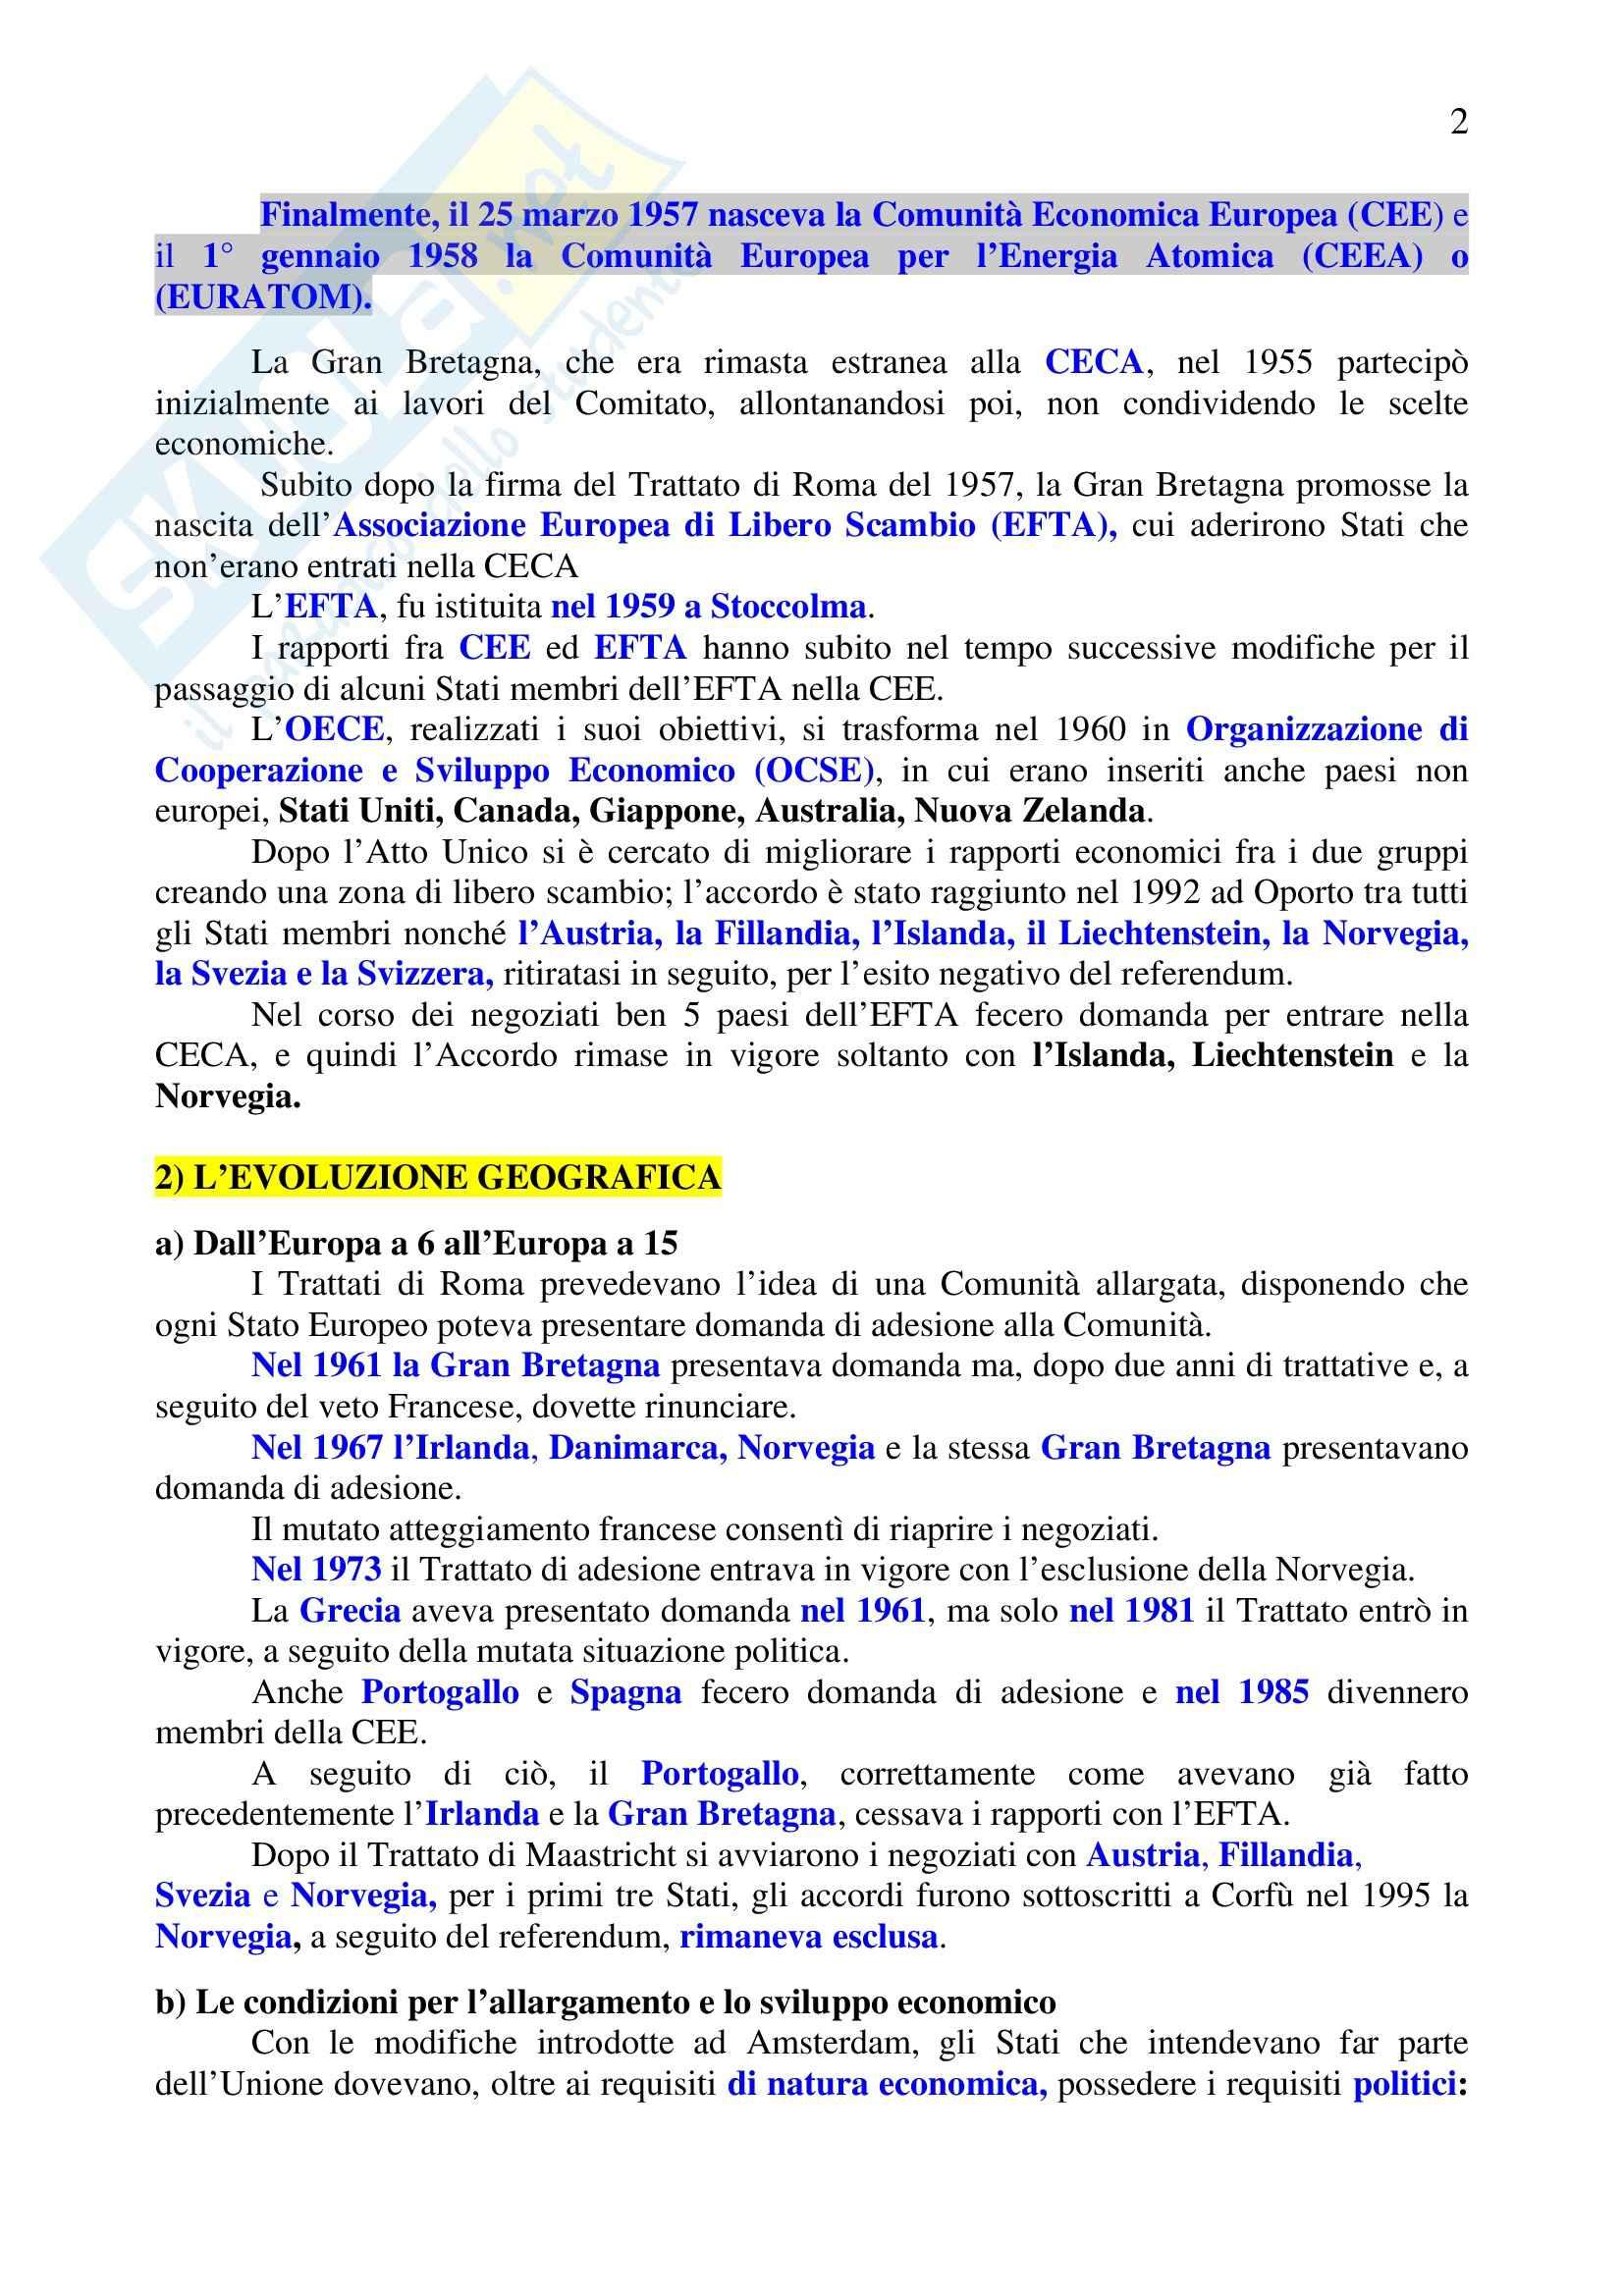 Riassunto esame Diritto dell'Unione Europea, prof. Sinagra, libro consigliato Istituzioni di Diritto dell'Unione Europea, Zanghì Pag. 2